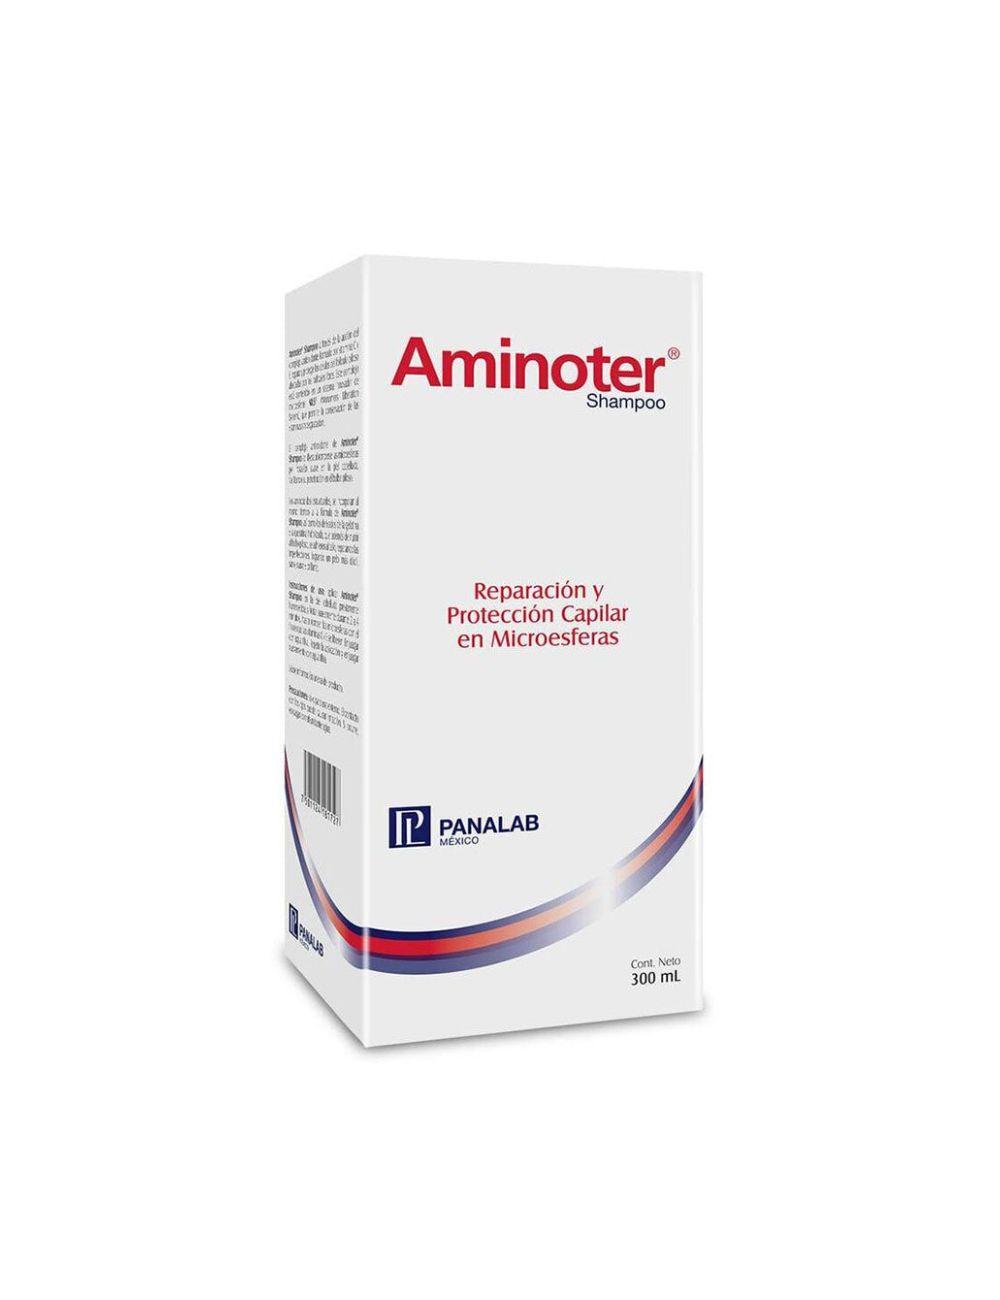 Aminoter Shampoo Caja Con Botella 300mL